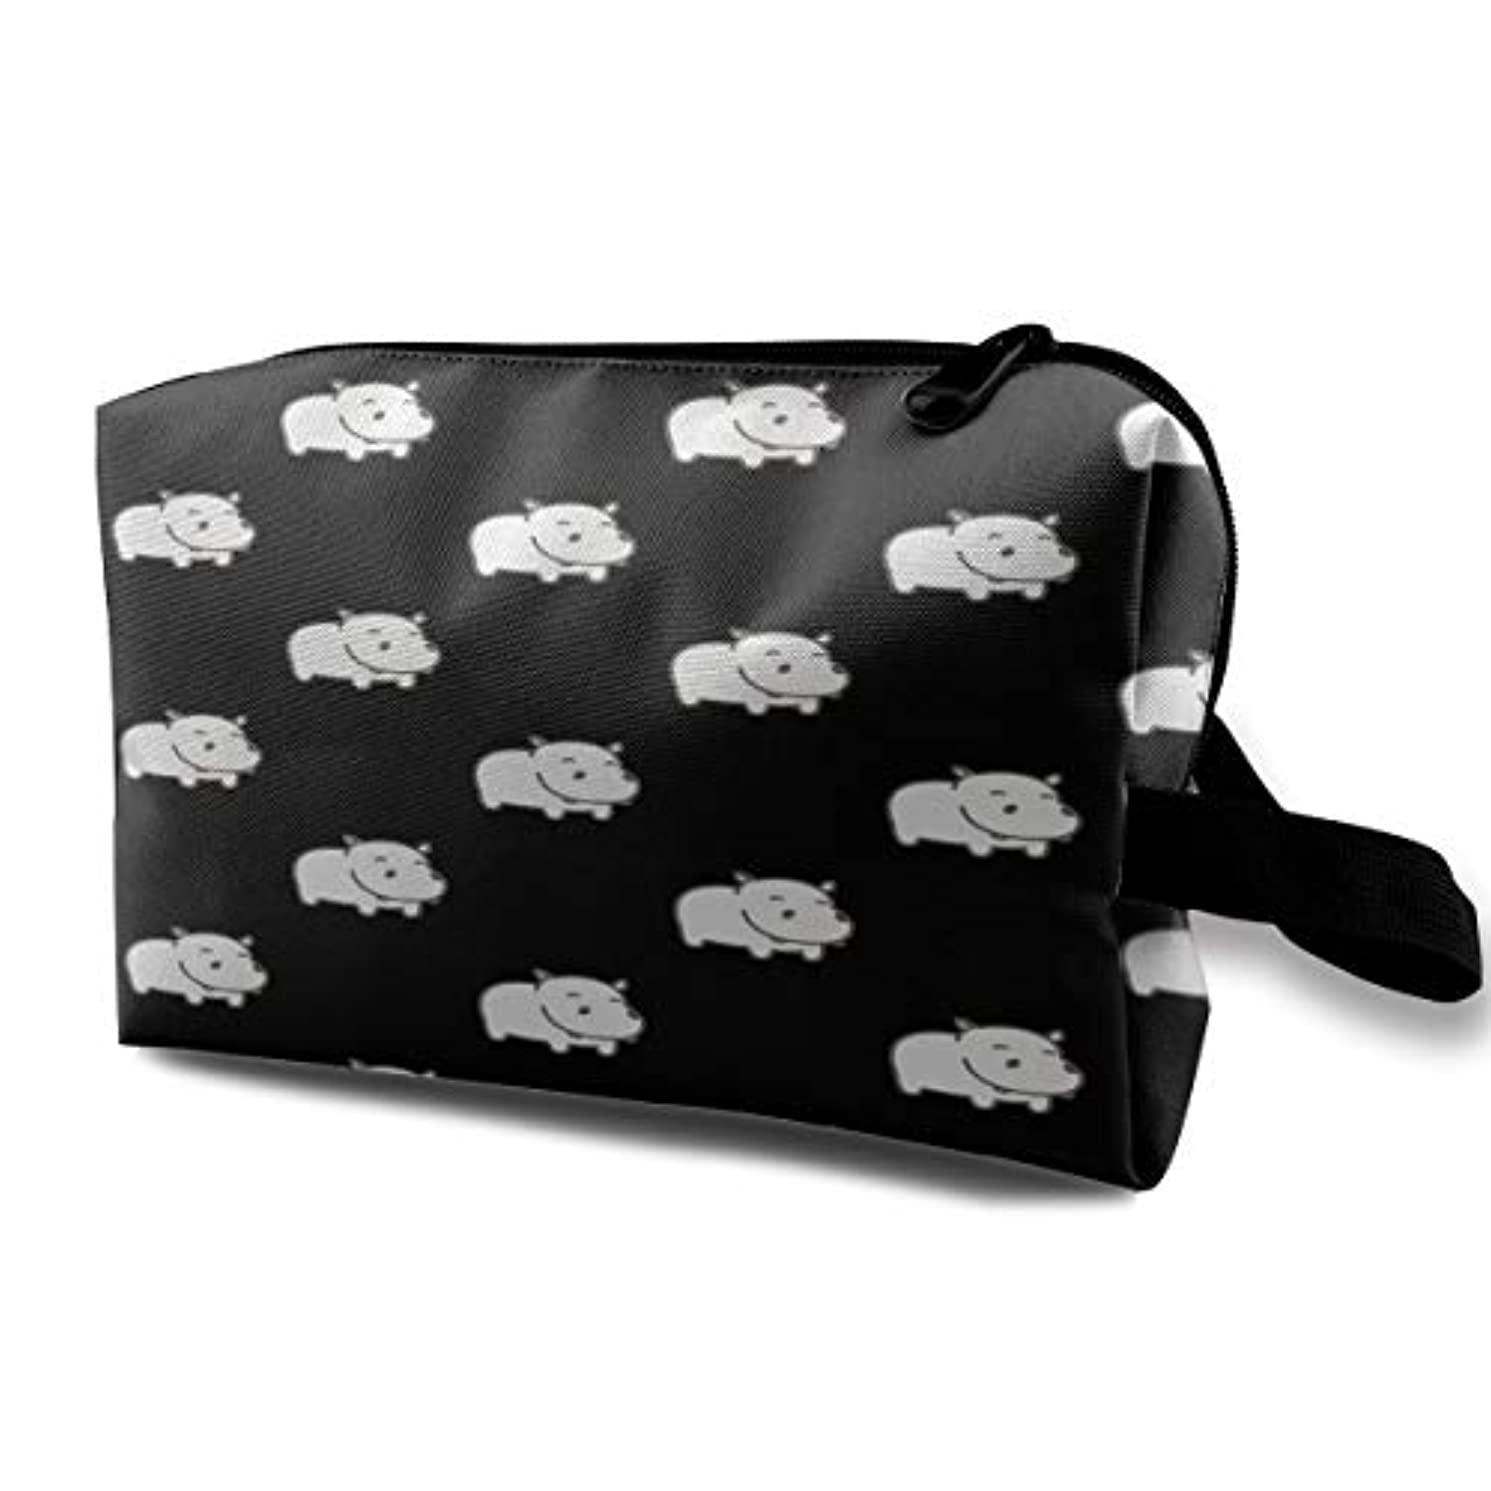 内なるスペースするだろうBaby Hippo Pattern 収納ポーチ 化粧ポーチ 大容量 軽量 耐久性 ハンドル付持ち運び便利。入れ 自宅?出張?旅行?アウトドア撮影などに対応。メンズ レディース トラベルグッズ